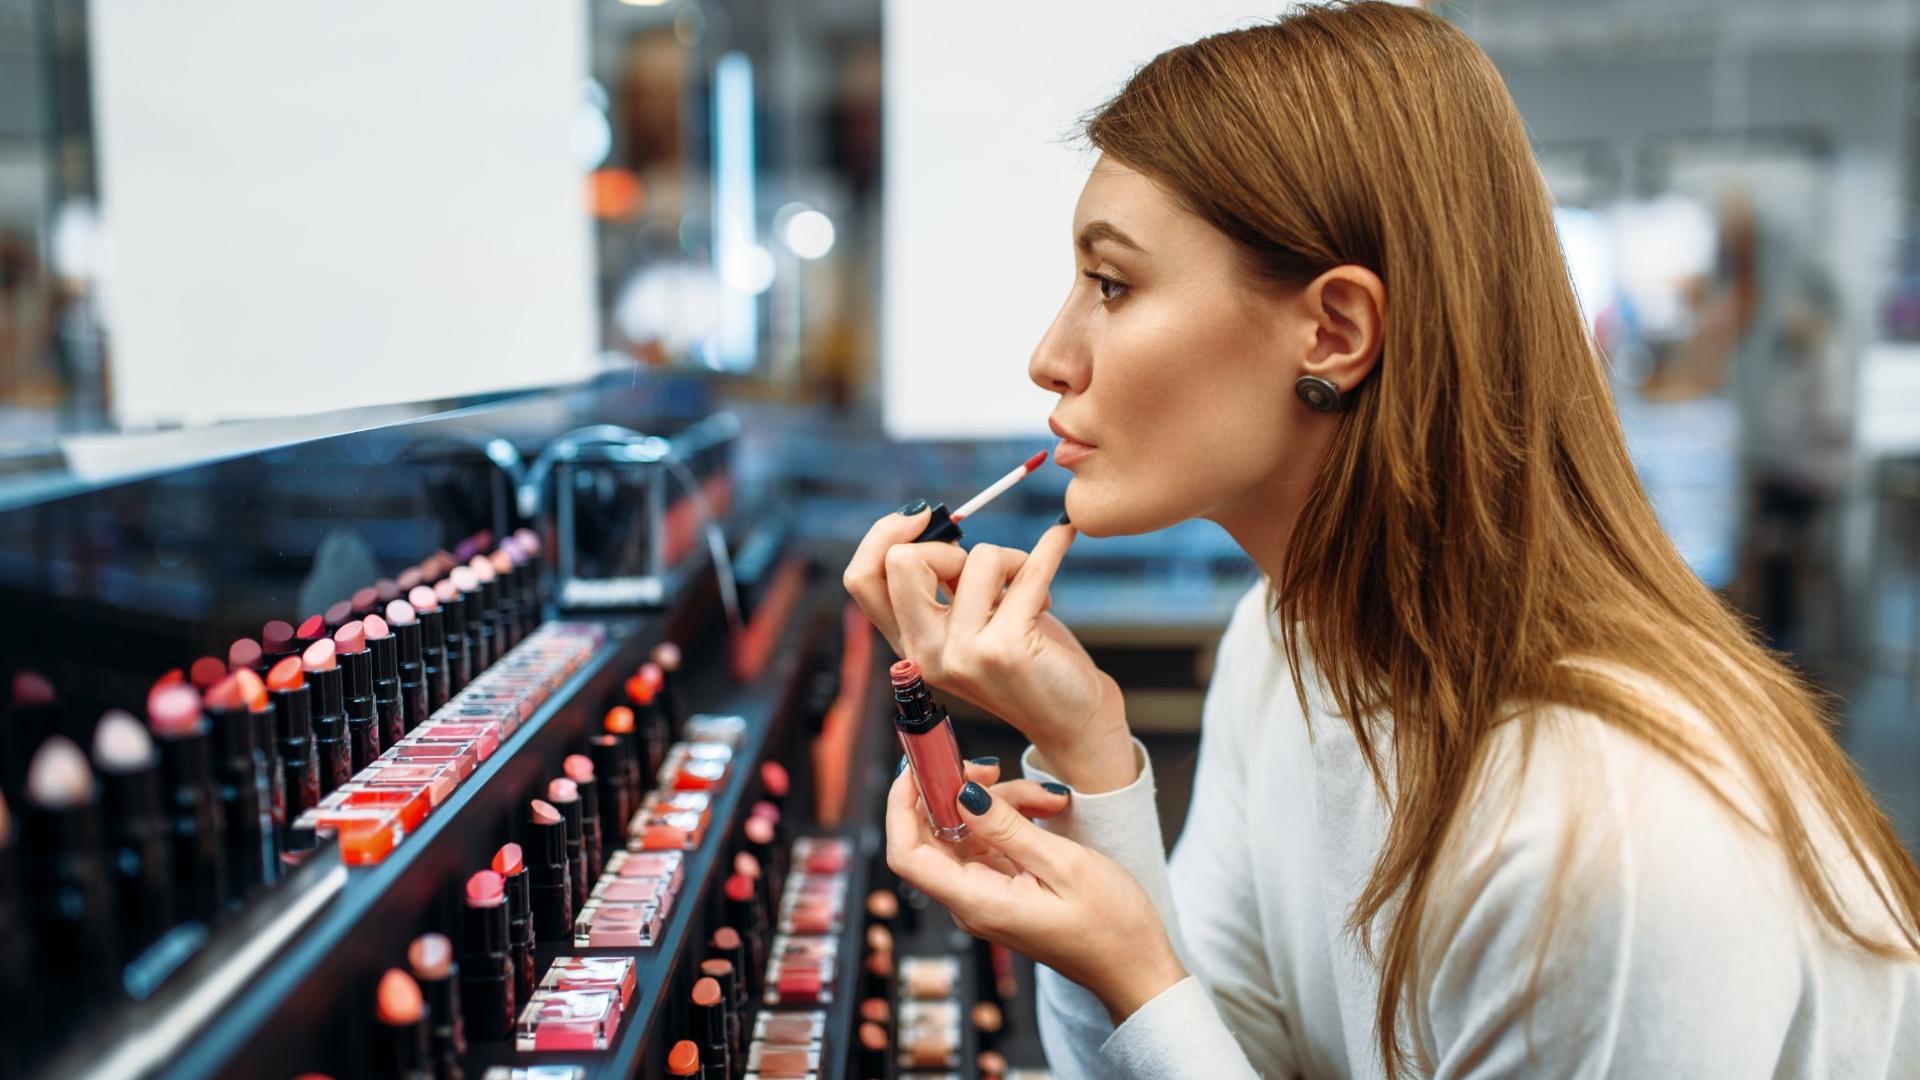 Frau schminkt ihre Lippen im Laden